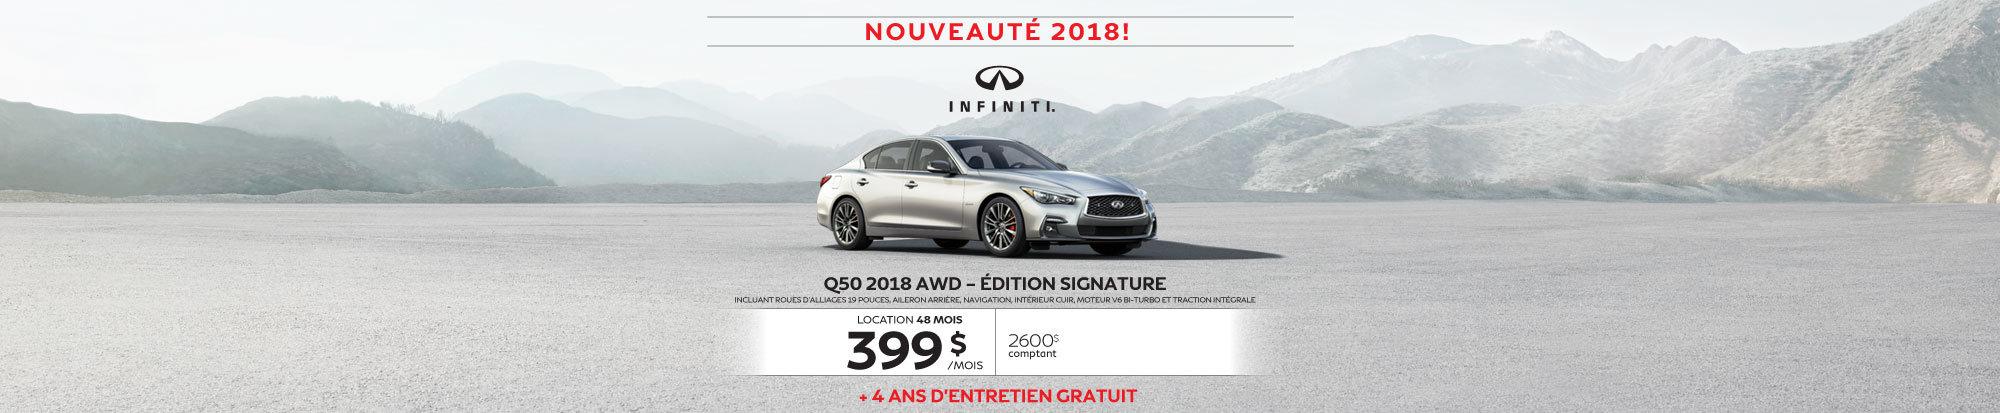 Q50 2018 Édition Signature web